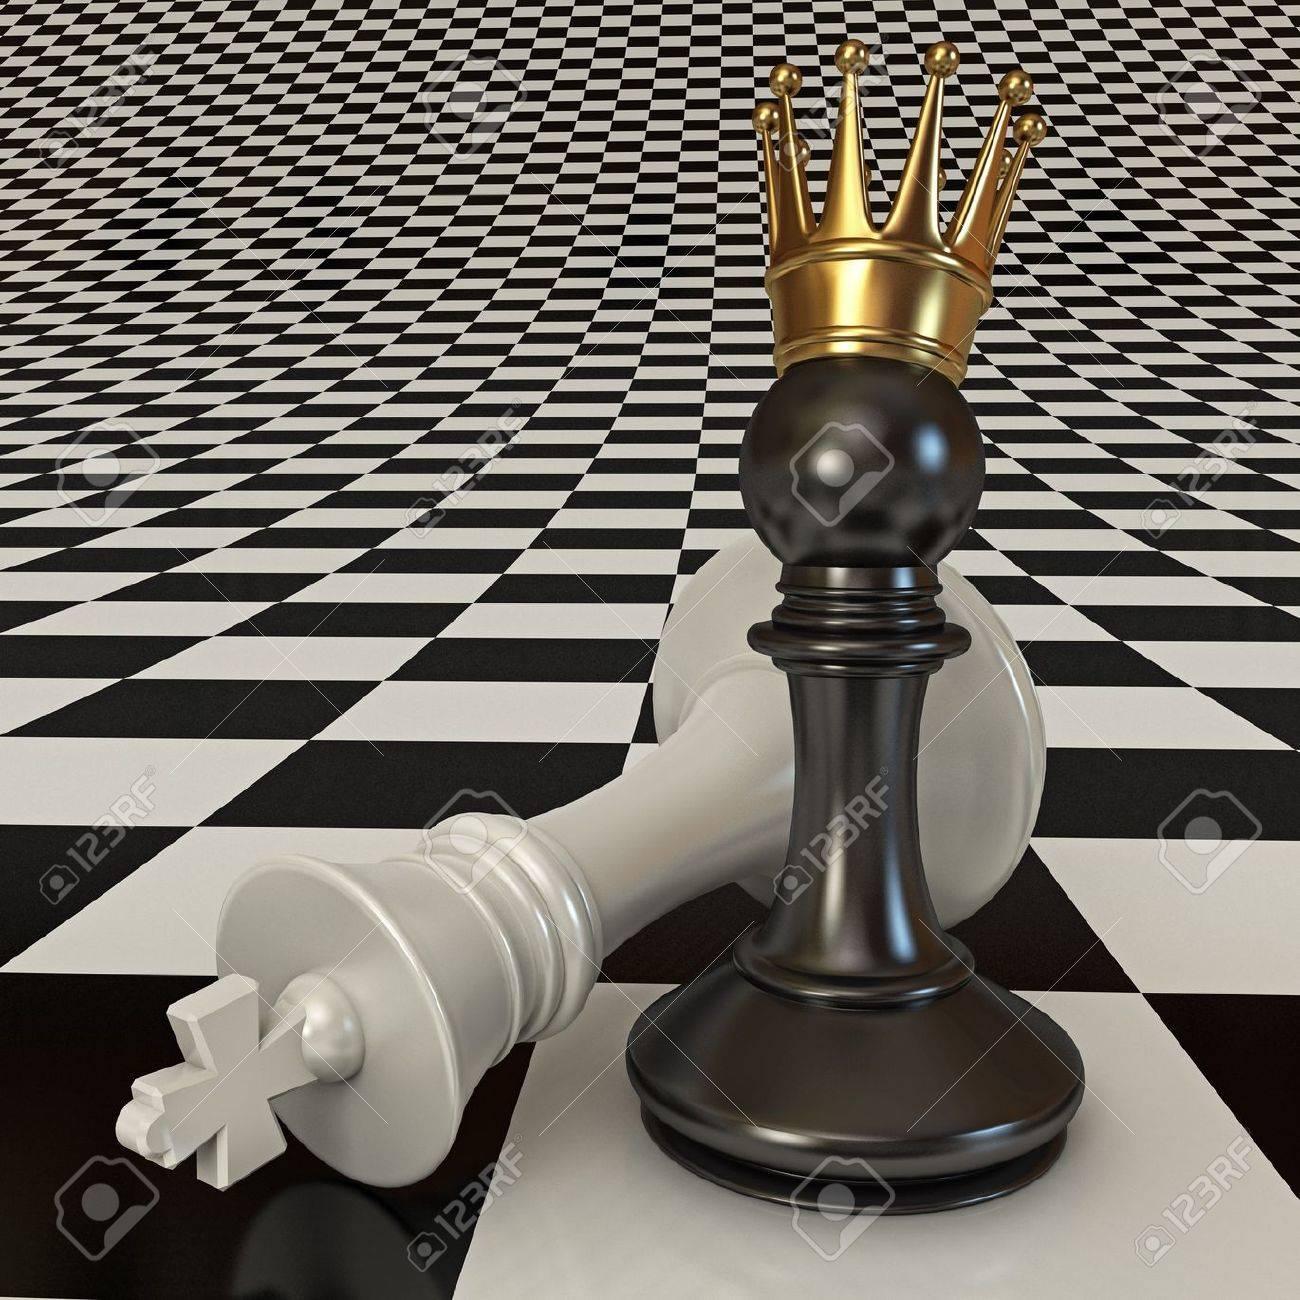 Foto de archivo - Negro hace jaque mate al peón, peón con corona de oro